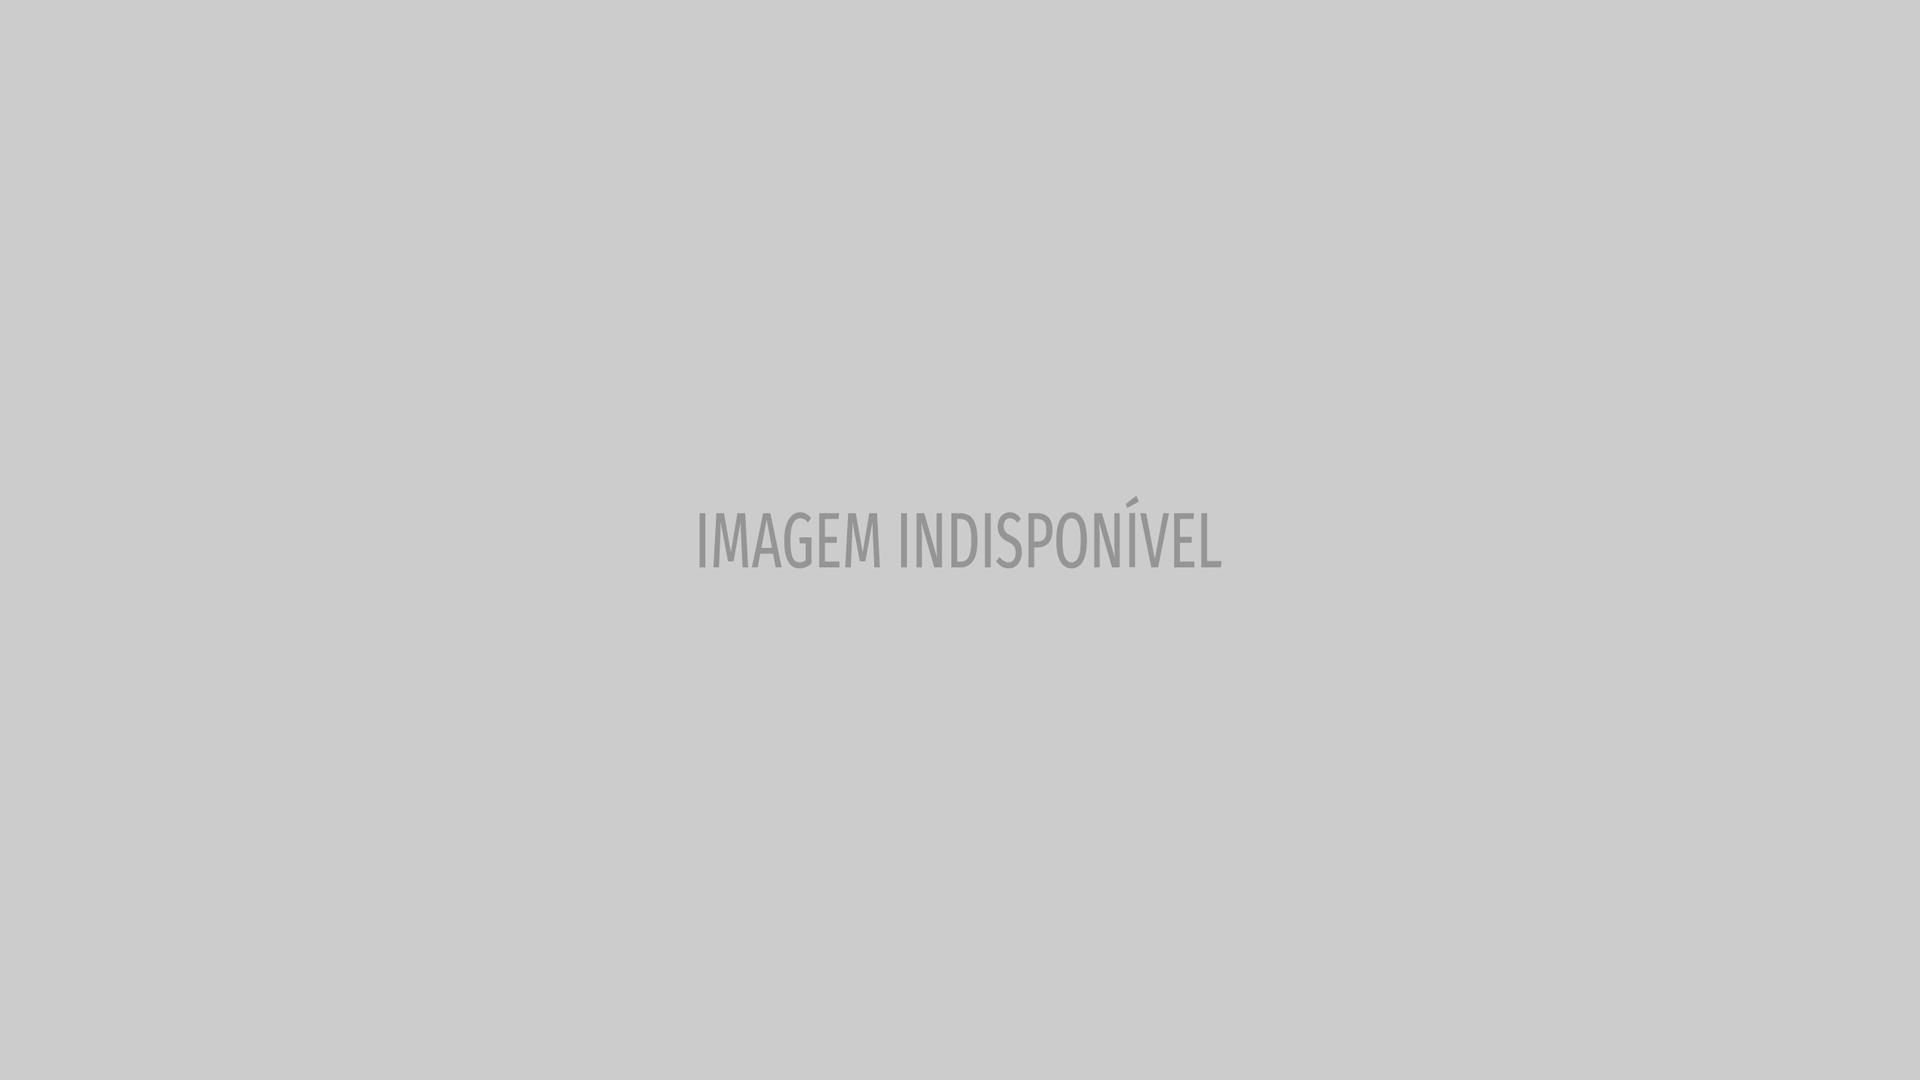 Repórter brasileira é assediada por torcedor na Copa: 'Desrespeito'